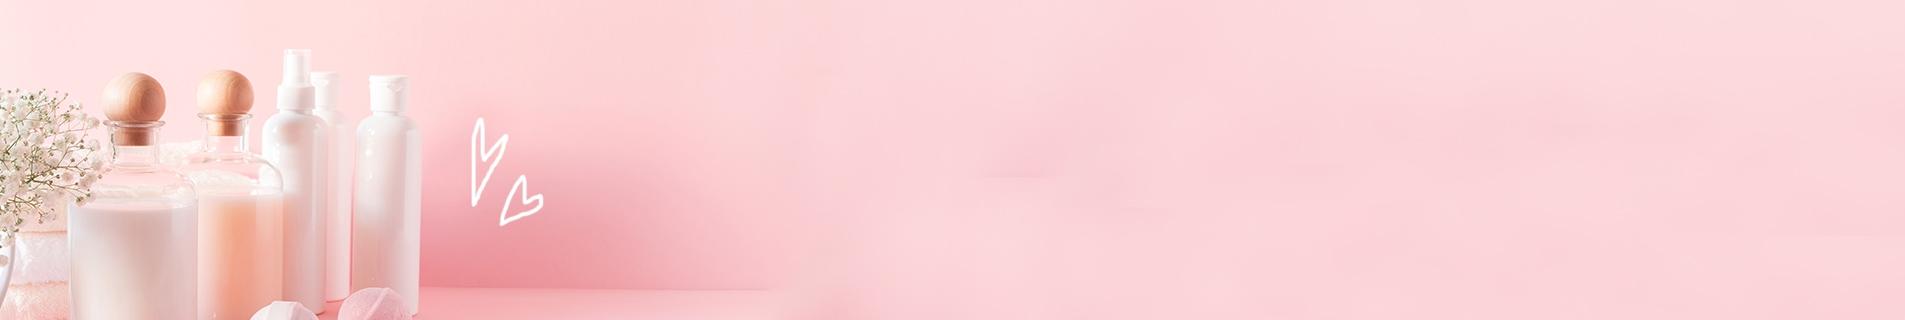 Promo beauté soins corps et cheveux   SAGA Cosmetics